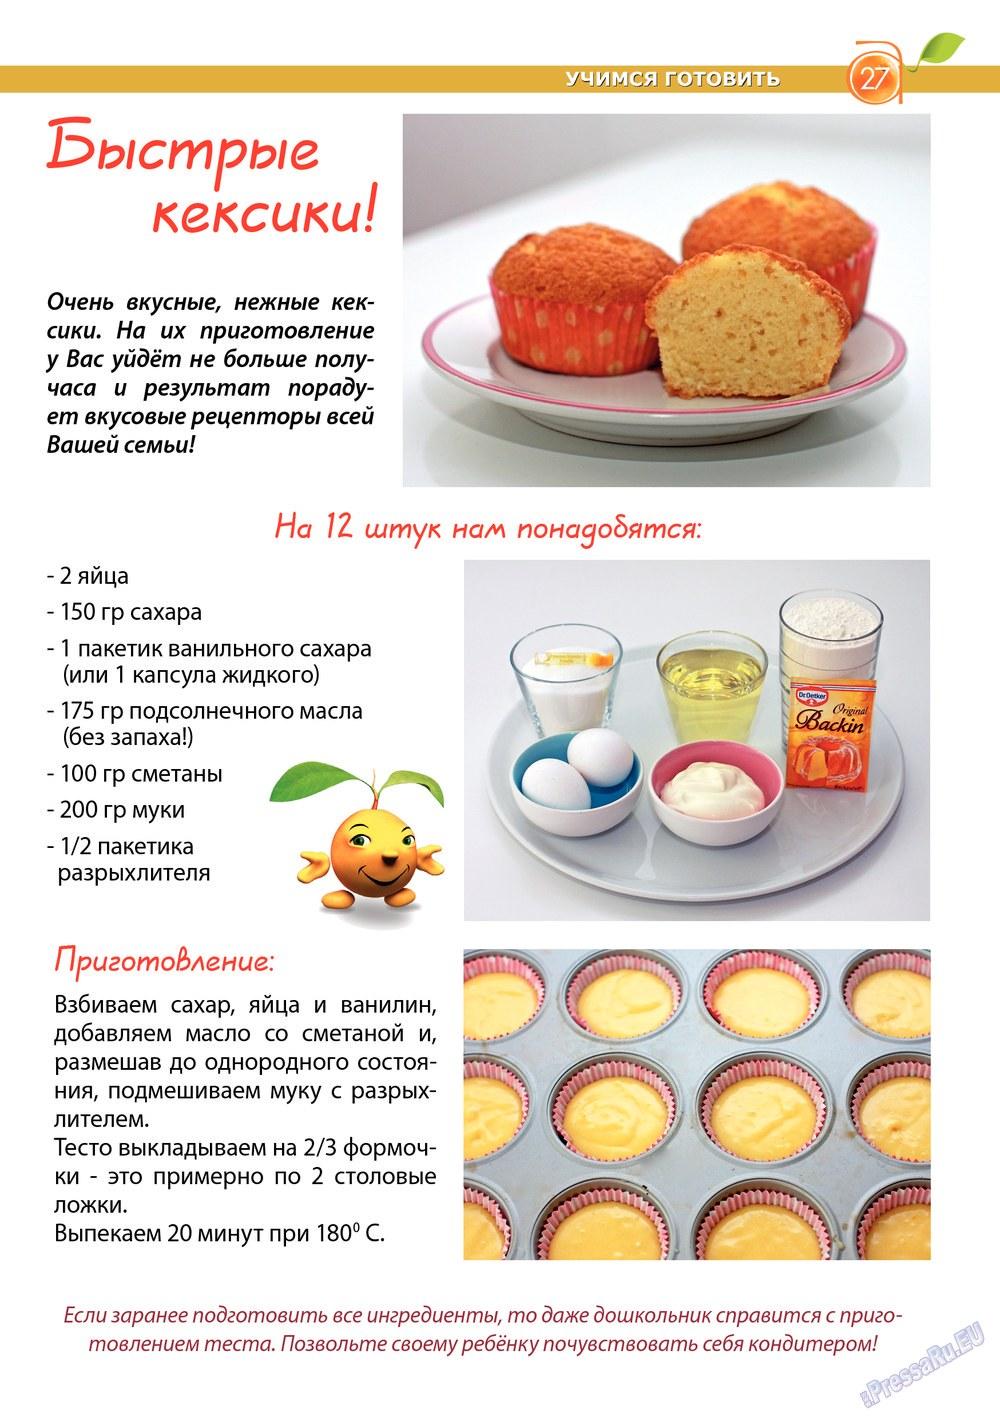 Апельсин (журнал). 2013 год, номер 47, стр. 25